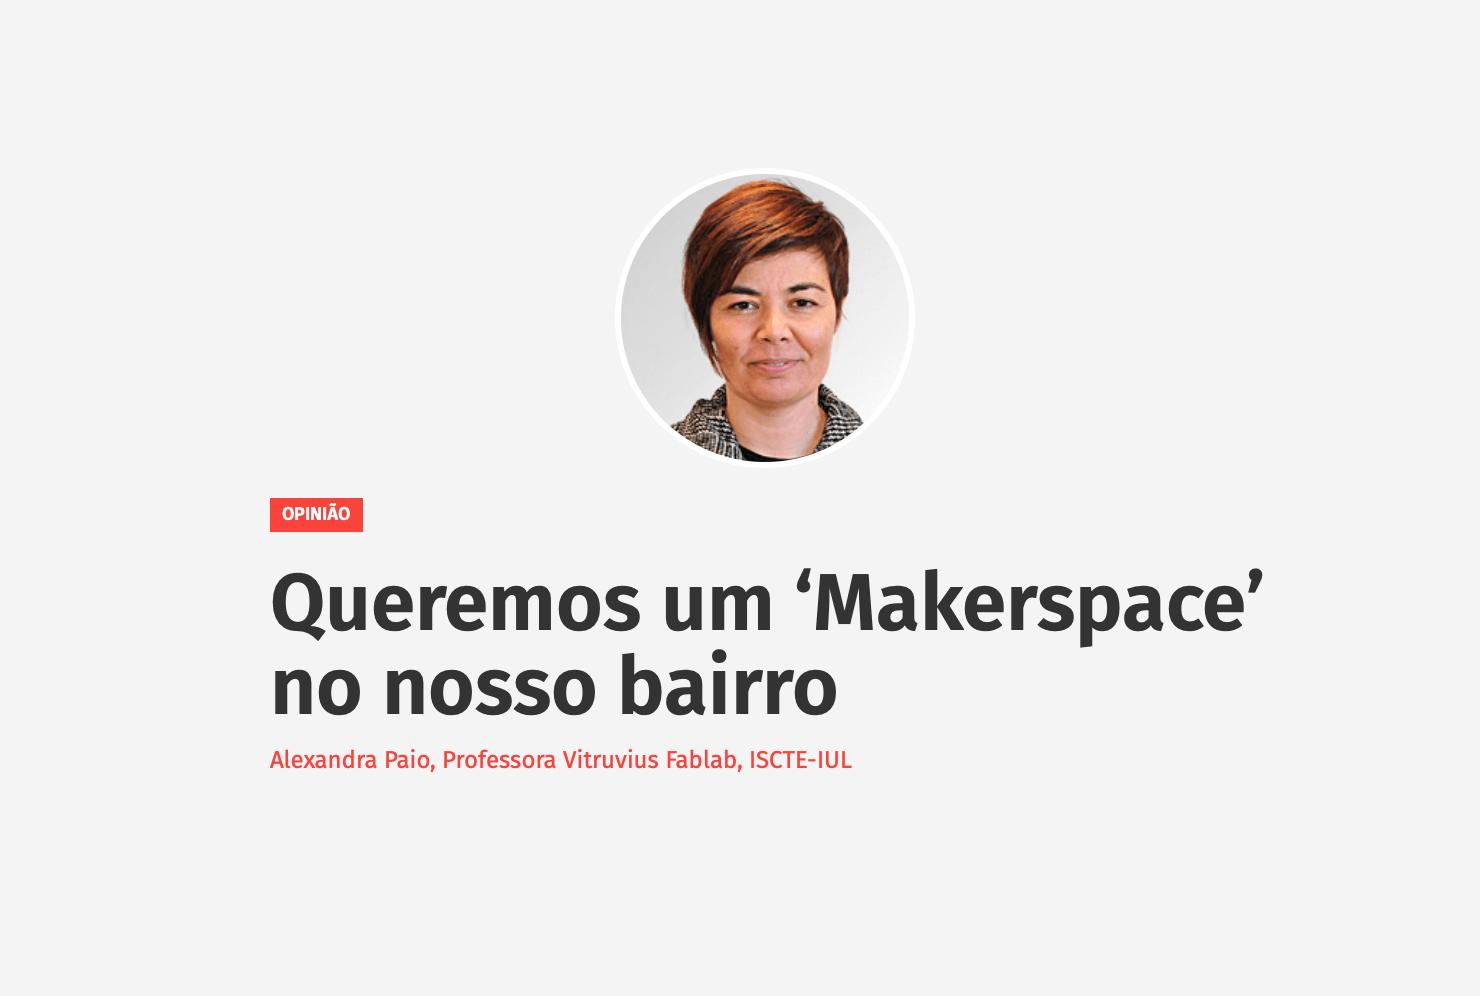 Queremos um 'Makerspace' no nosso bairro